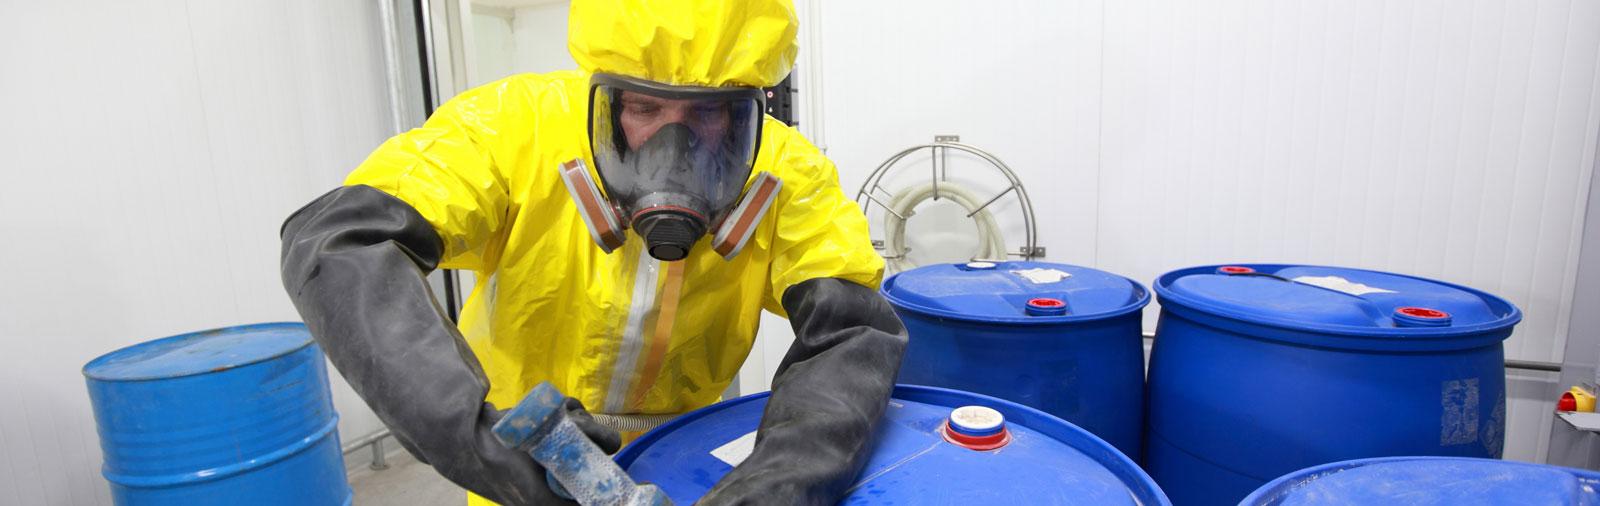 hazardous-waste-disposal-oahu-hawaii